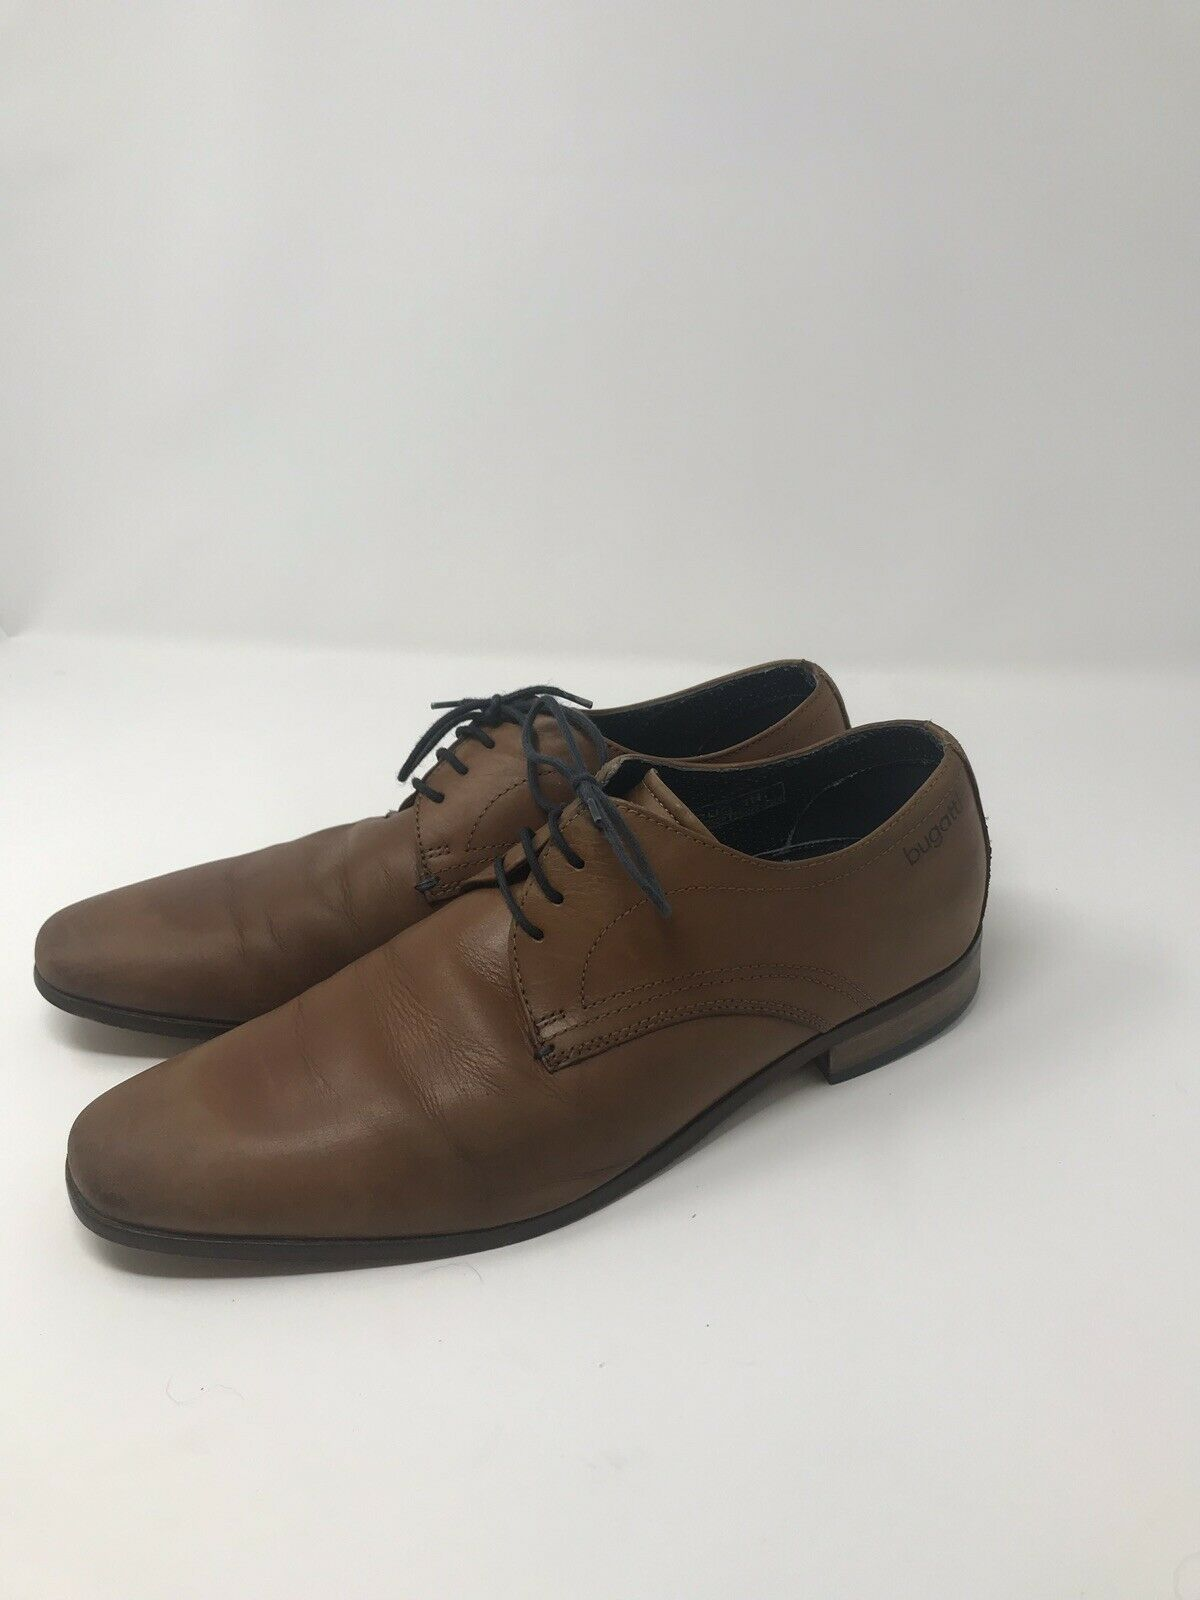 Mens Bugatti Lace Up shoes Size UK42 US 9-9.5